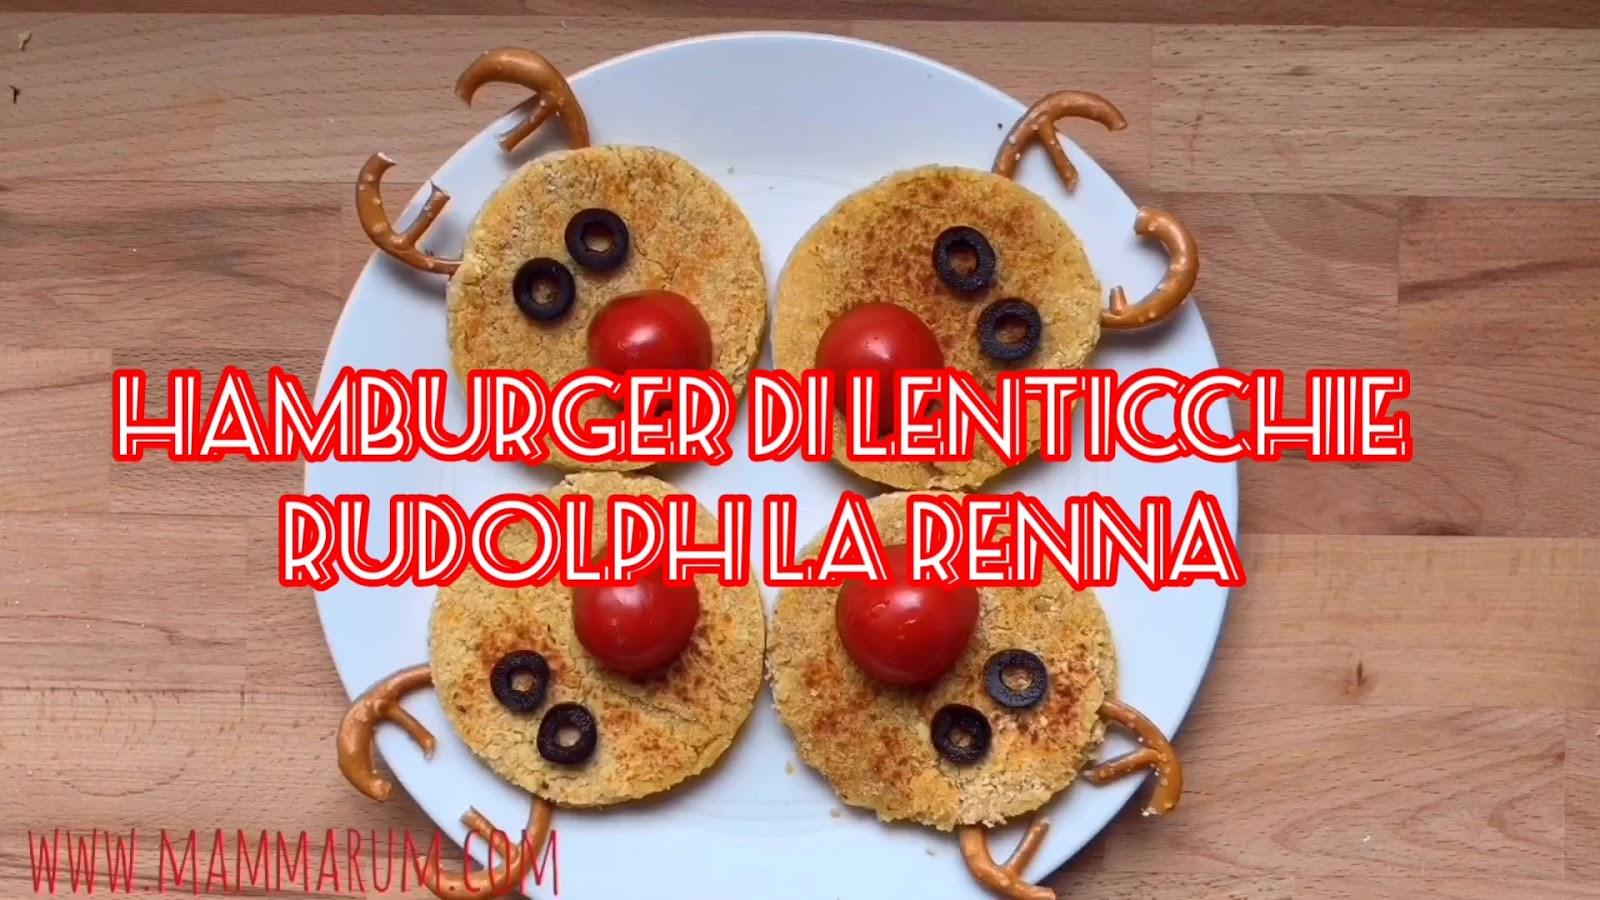 Avvento Giorno 5: Hamburger di lenticchie Rudolph la Renna